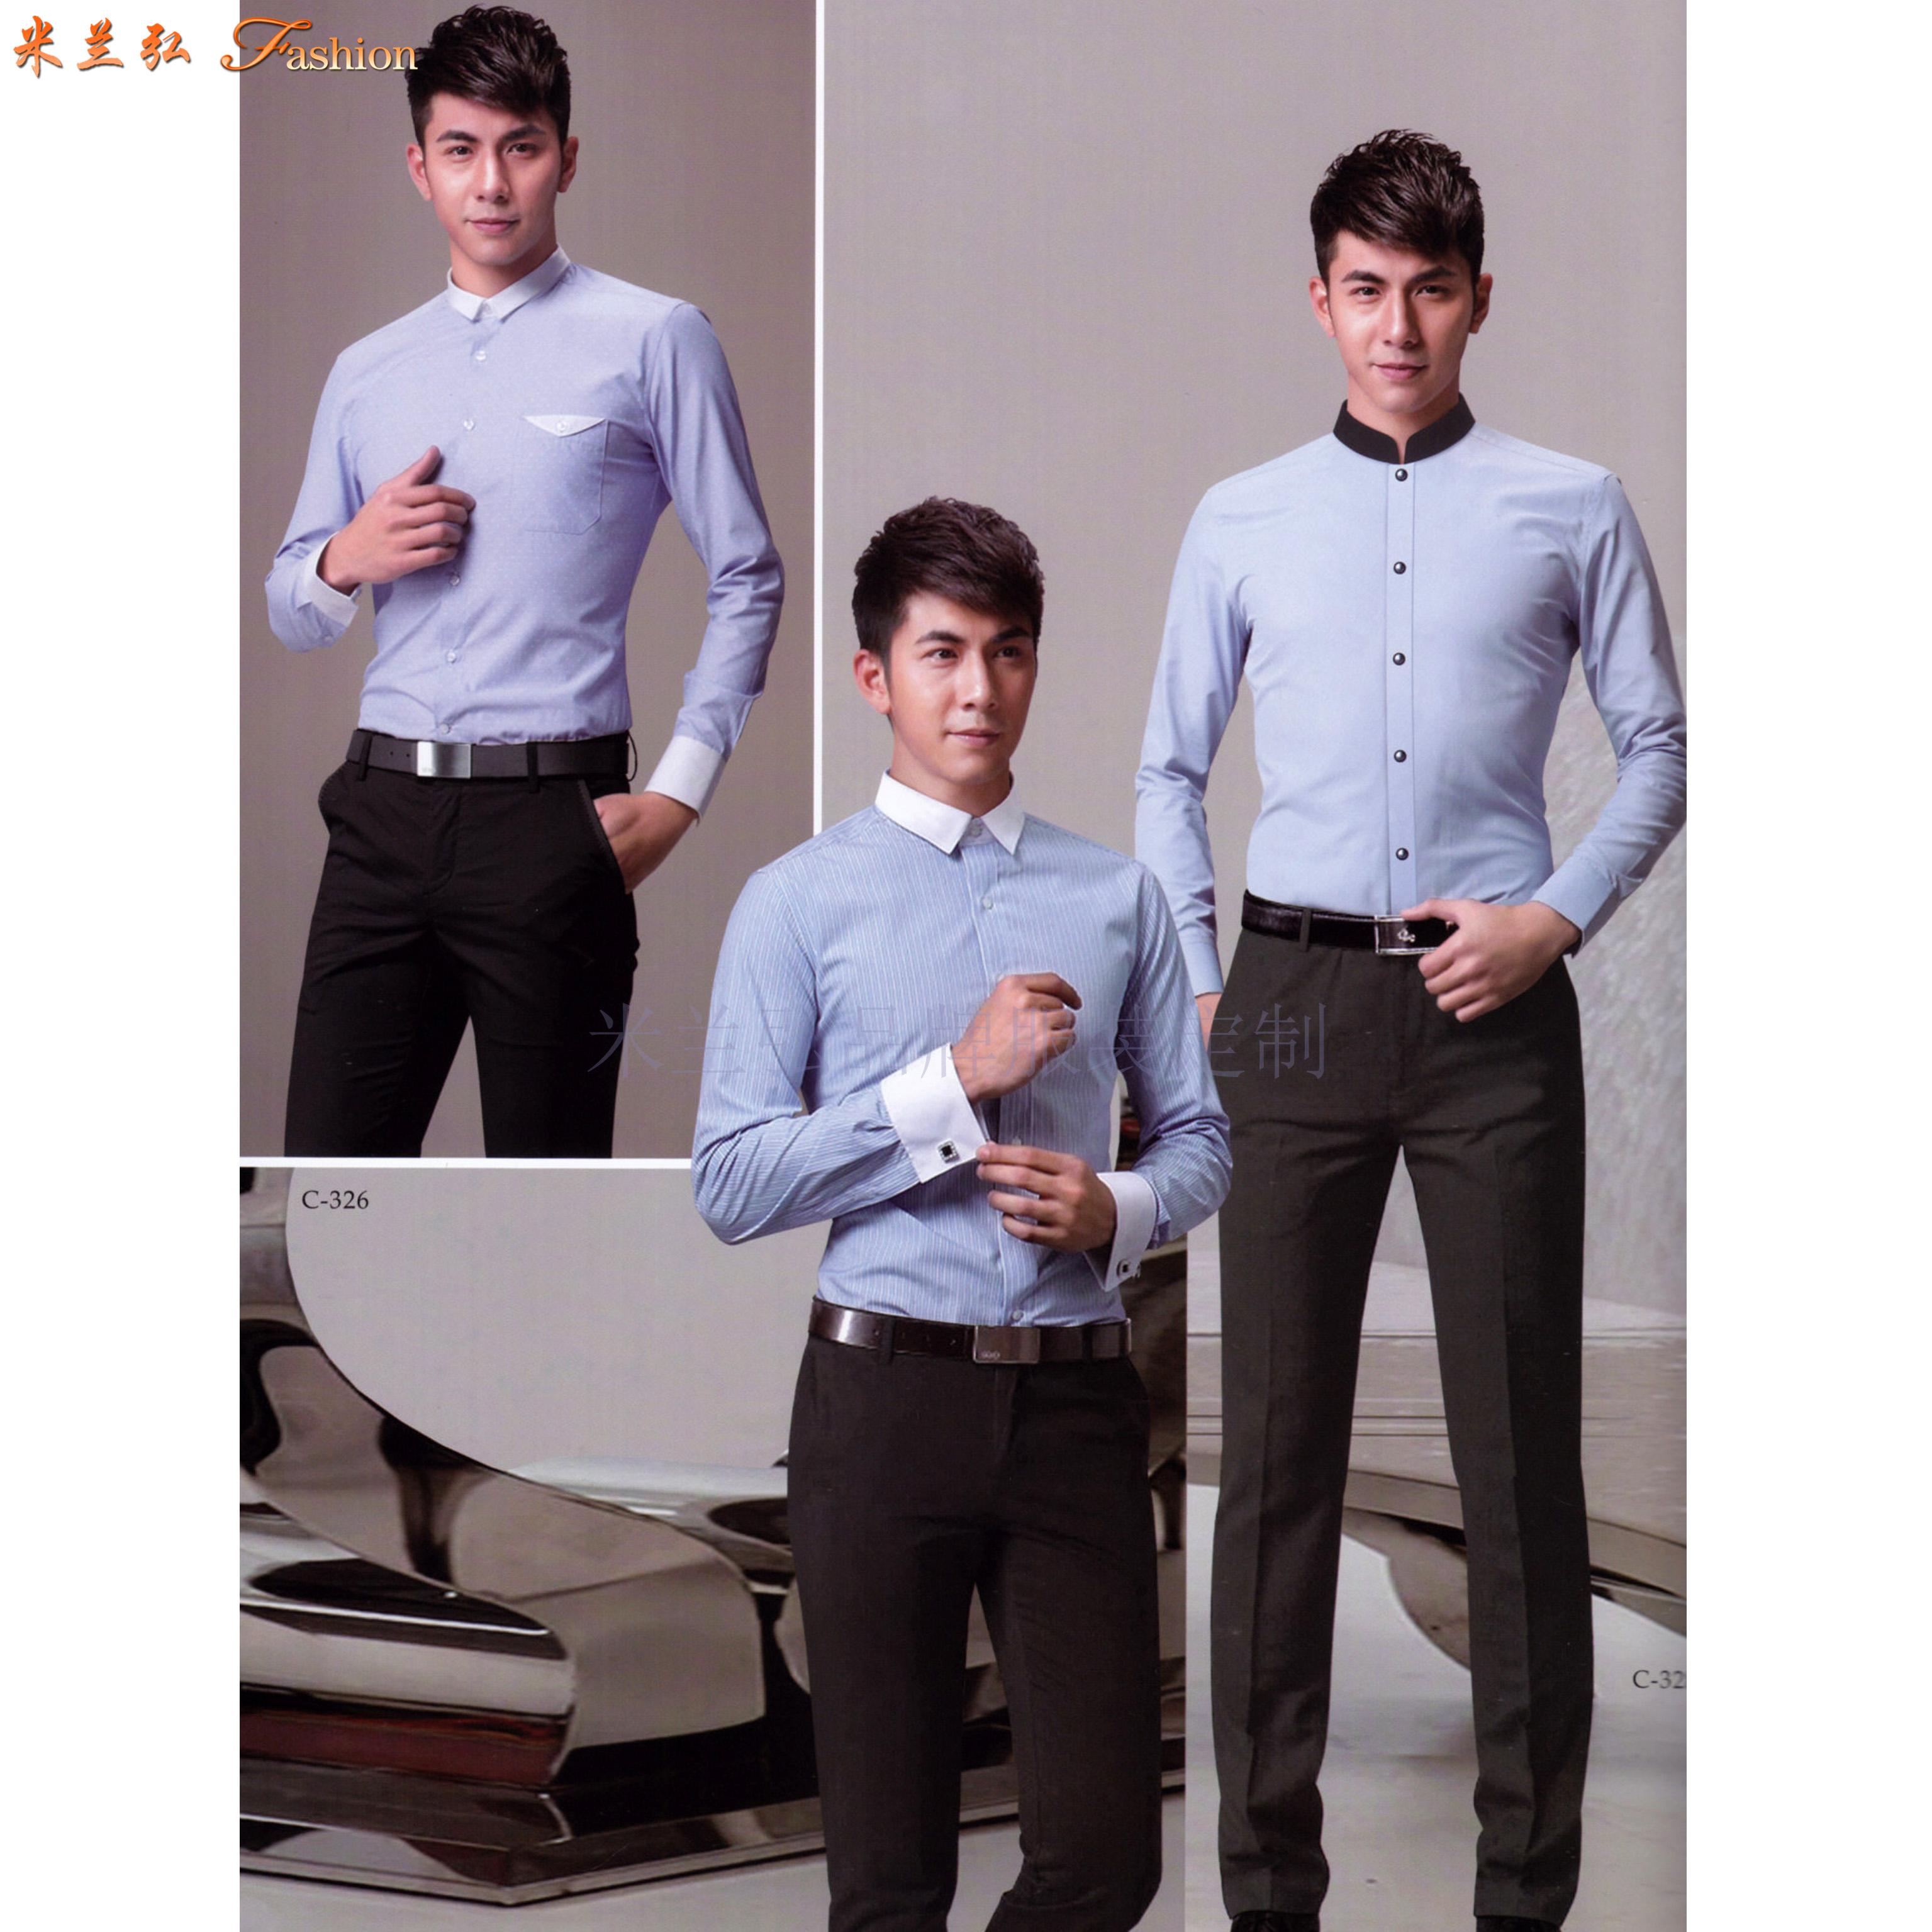 「高级衬衫定制」「私人衬衫定做」品牌衬衫订制厂家-米兰弘-5